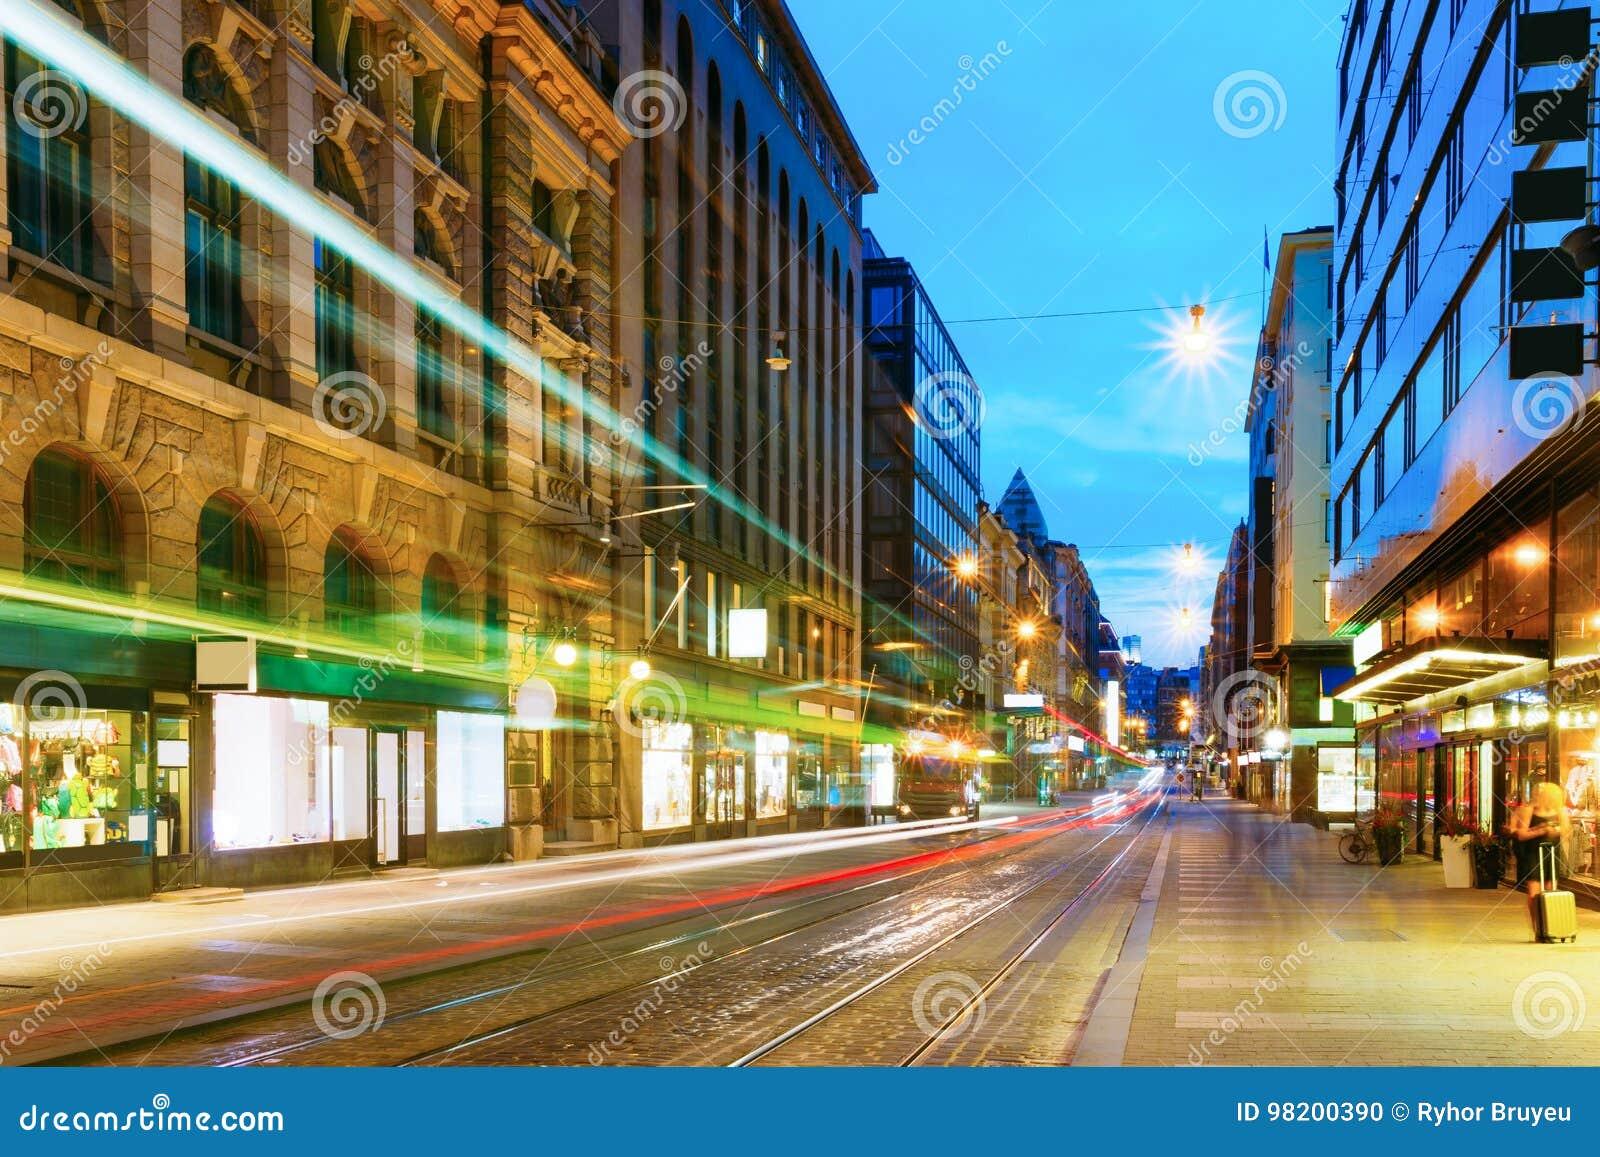 Download Хельсинки, Финляндия Трамвай уходит от стопа на улице Aleksanterinkatu в Хельсинки Редакционное Изображение - изображение насчитывающей центр, дорога: 98200390